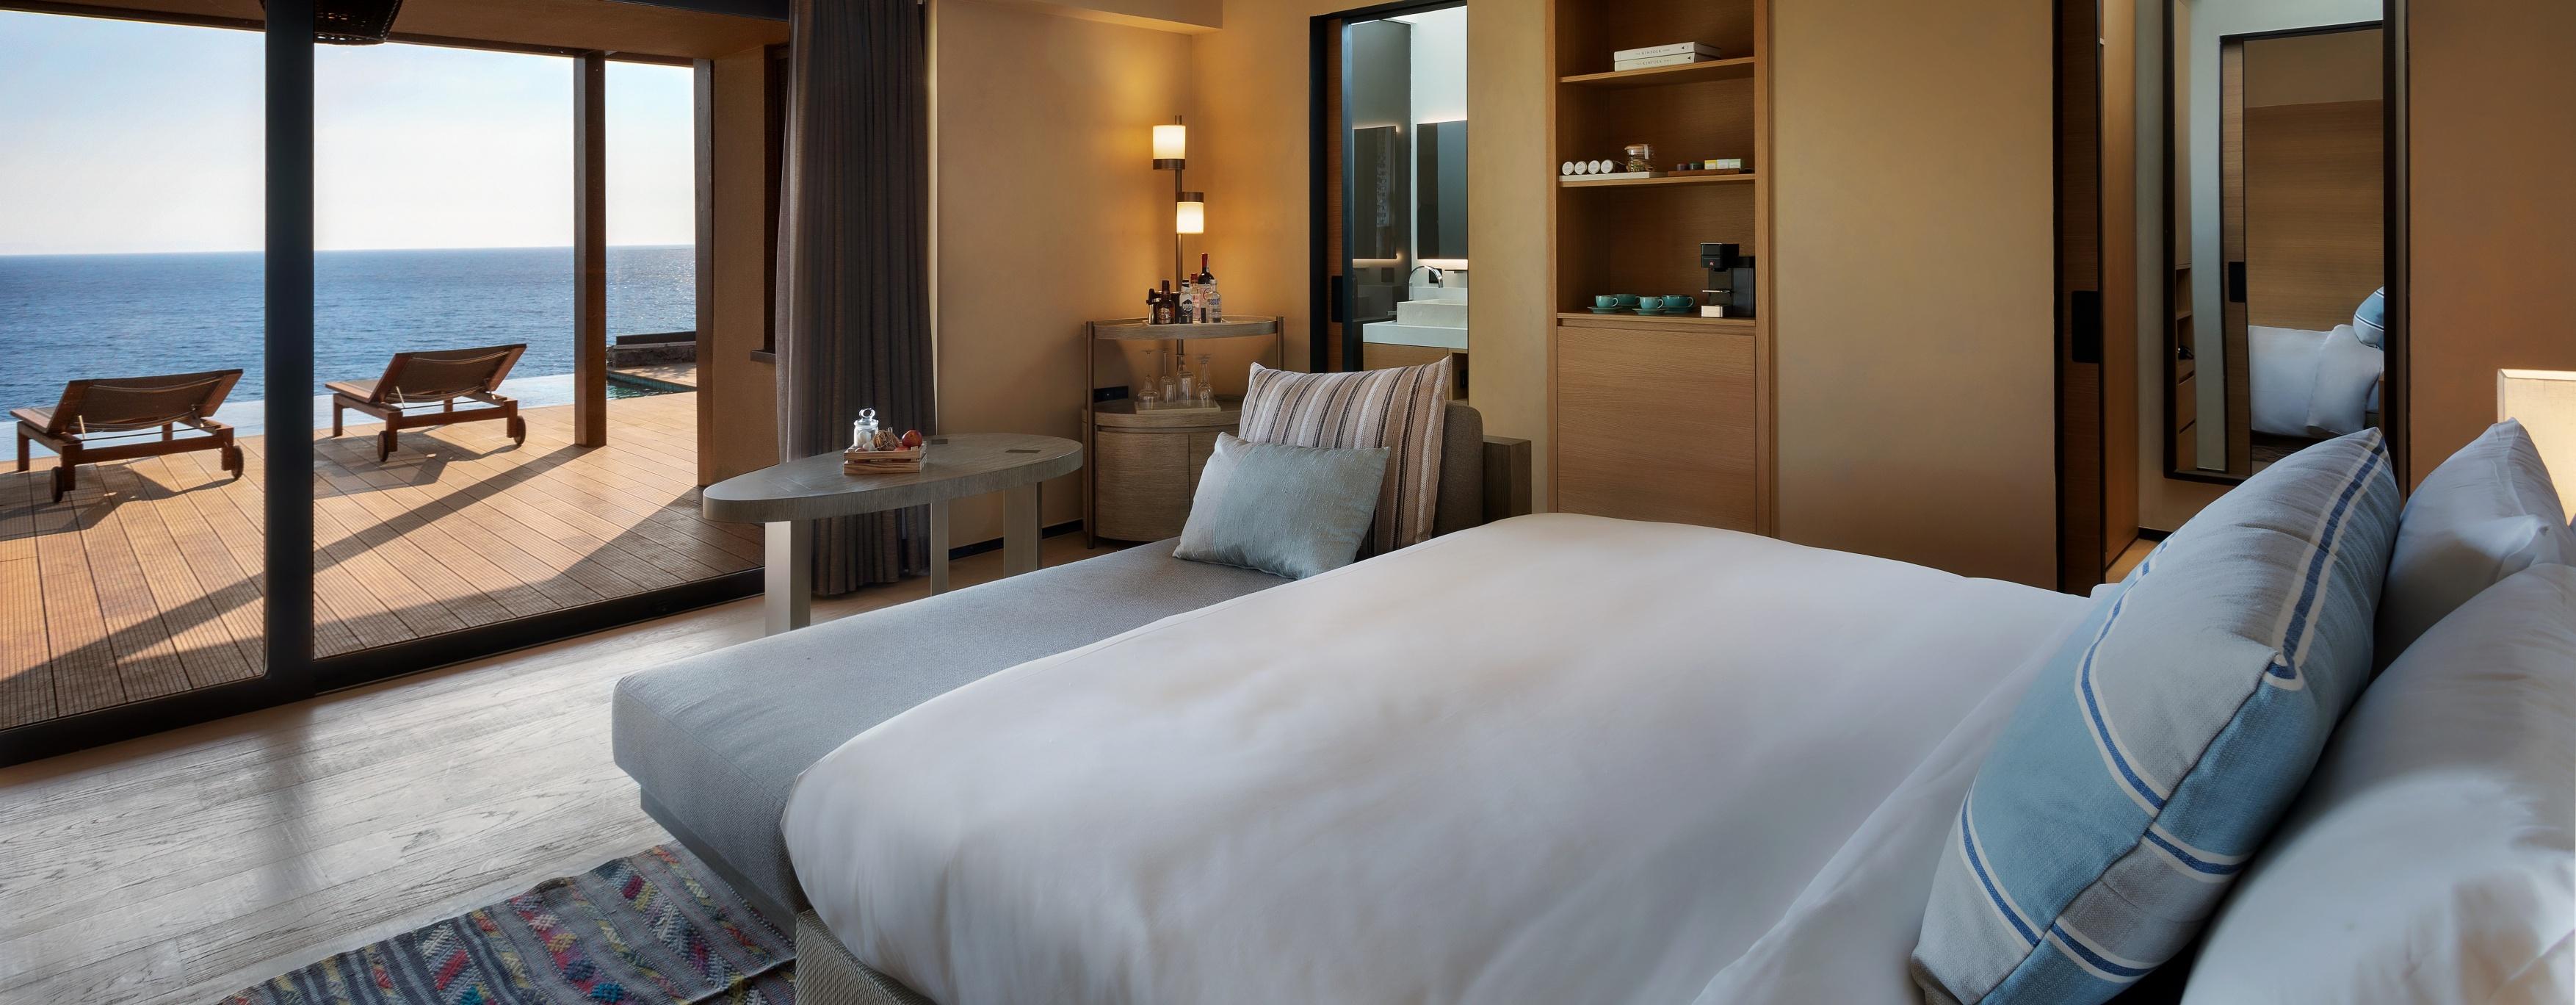 Seaview_Ridge_Villa_with_Pool_Bedroom